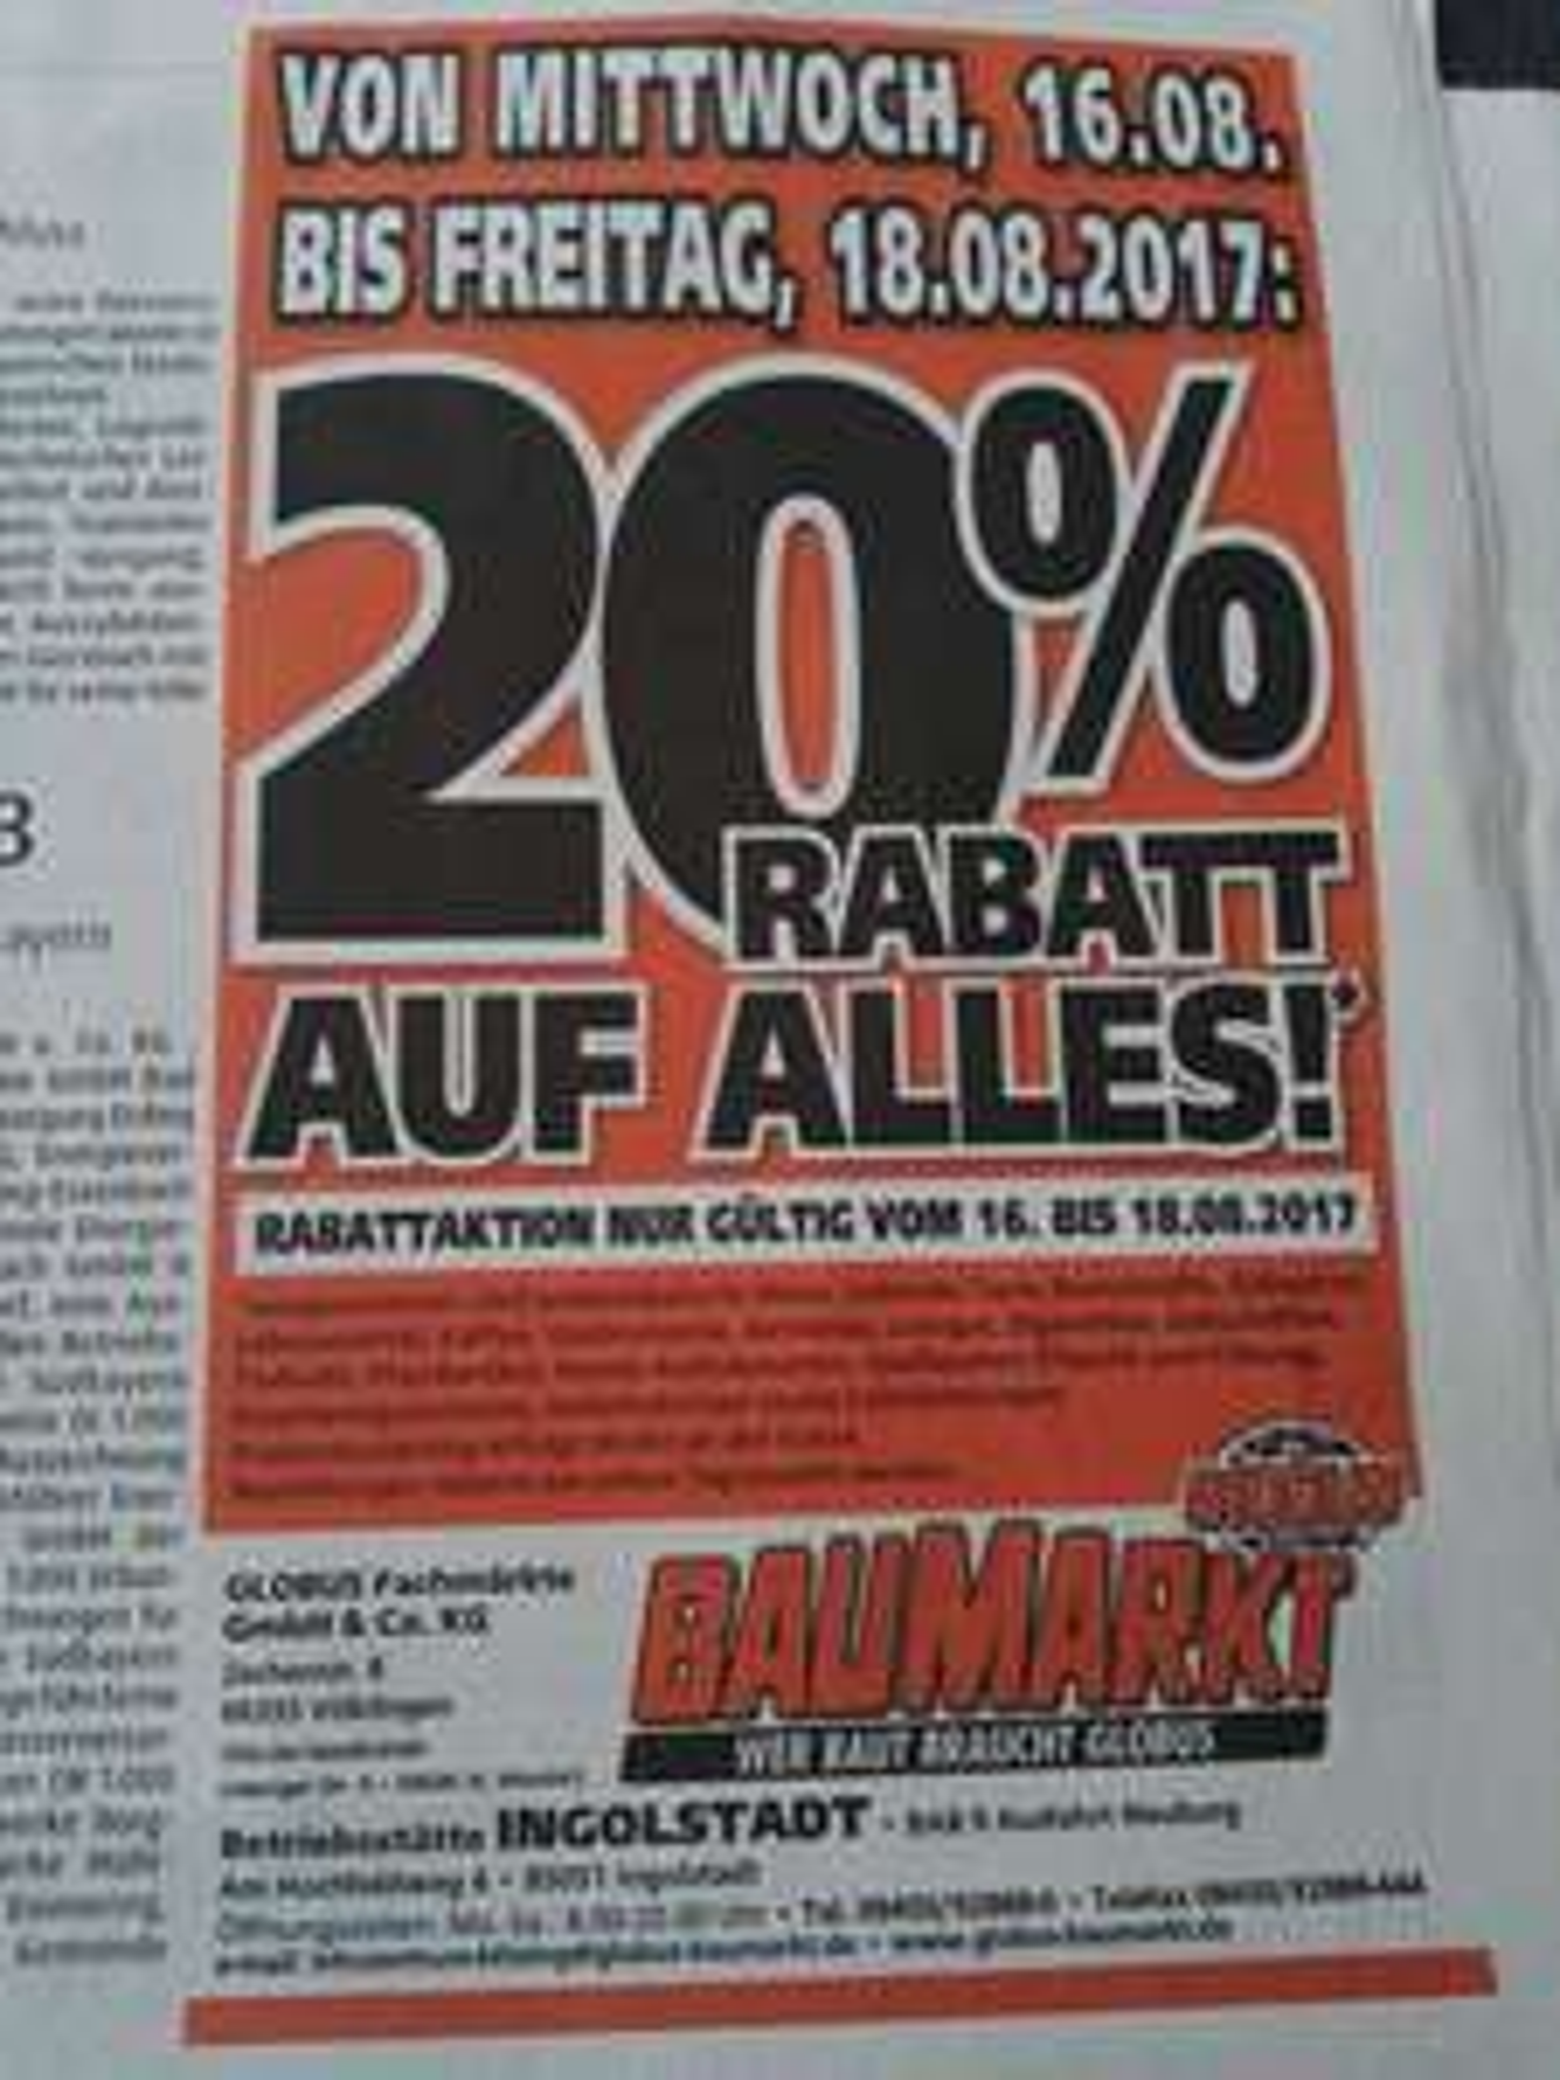 Globus Baumarkt Ingolstadt 20% auf alles* 16.08 -18.08.2017